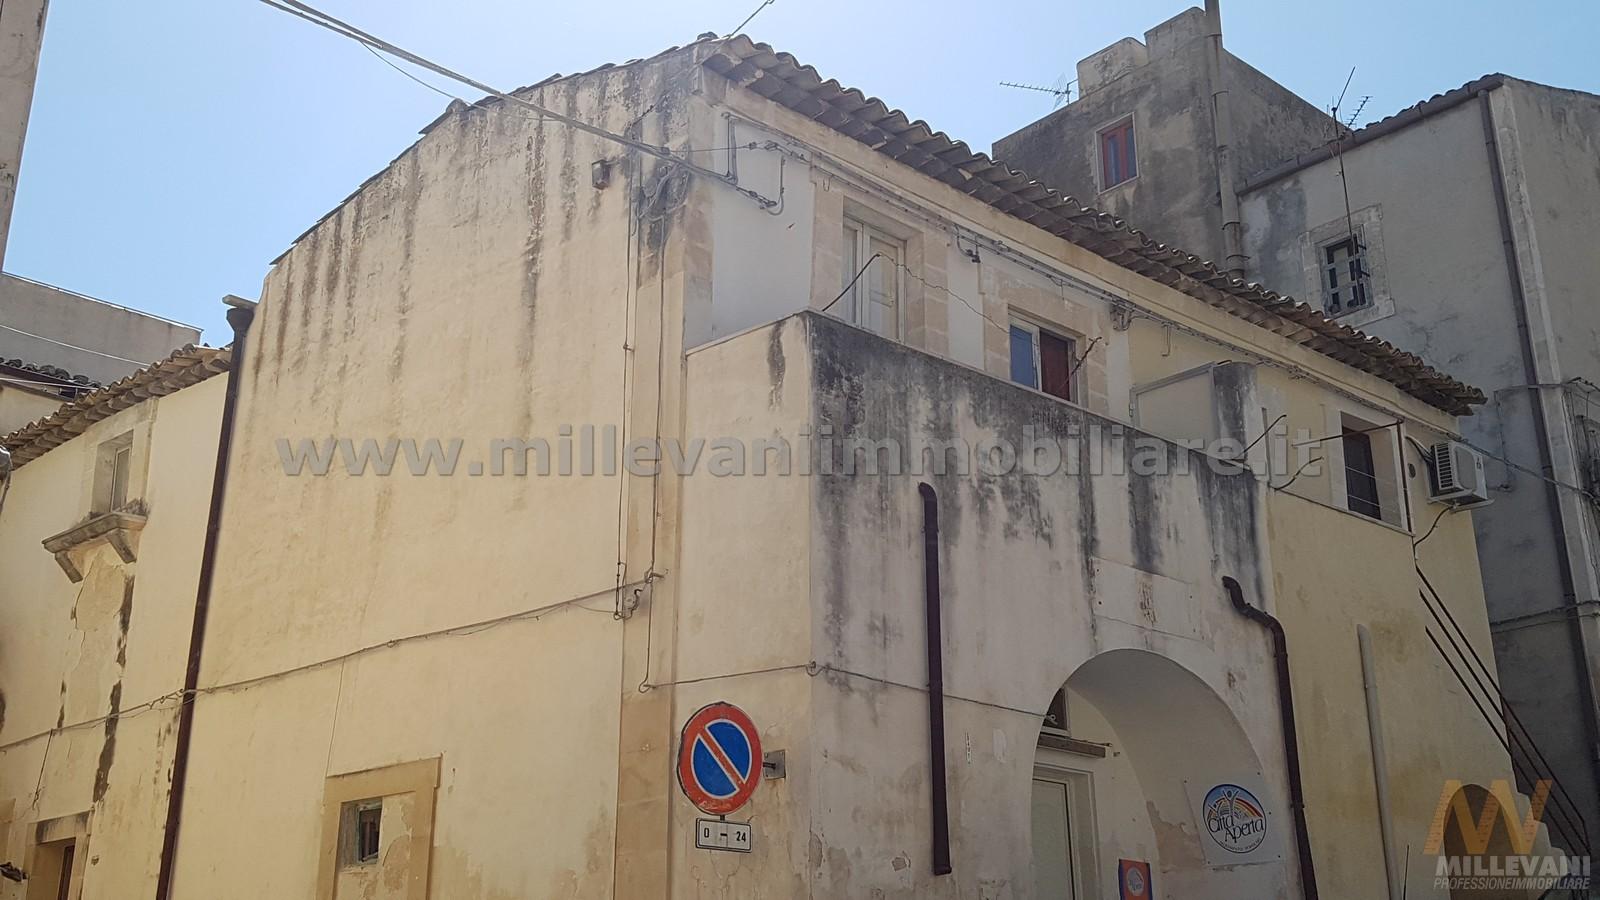 Soluzione Indipendente in vendita a Scicli, 3 locali, zona Zona: Scicli, prezzo € 90.000 | Cambio Casa.it